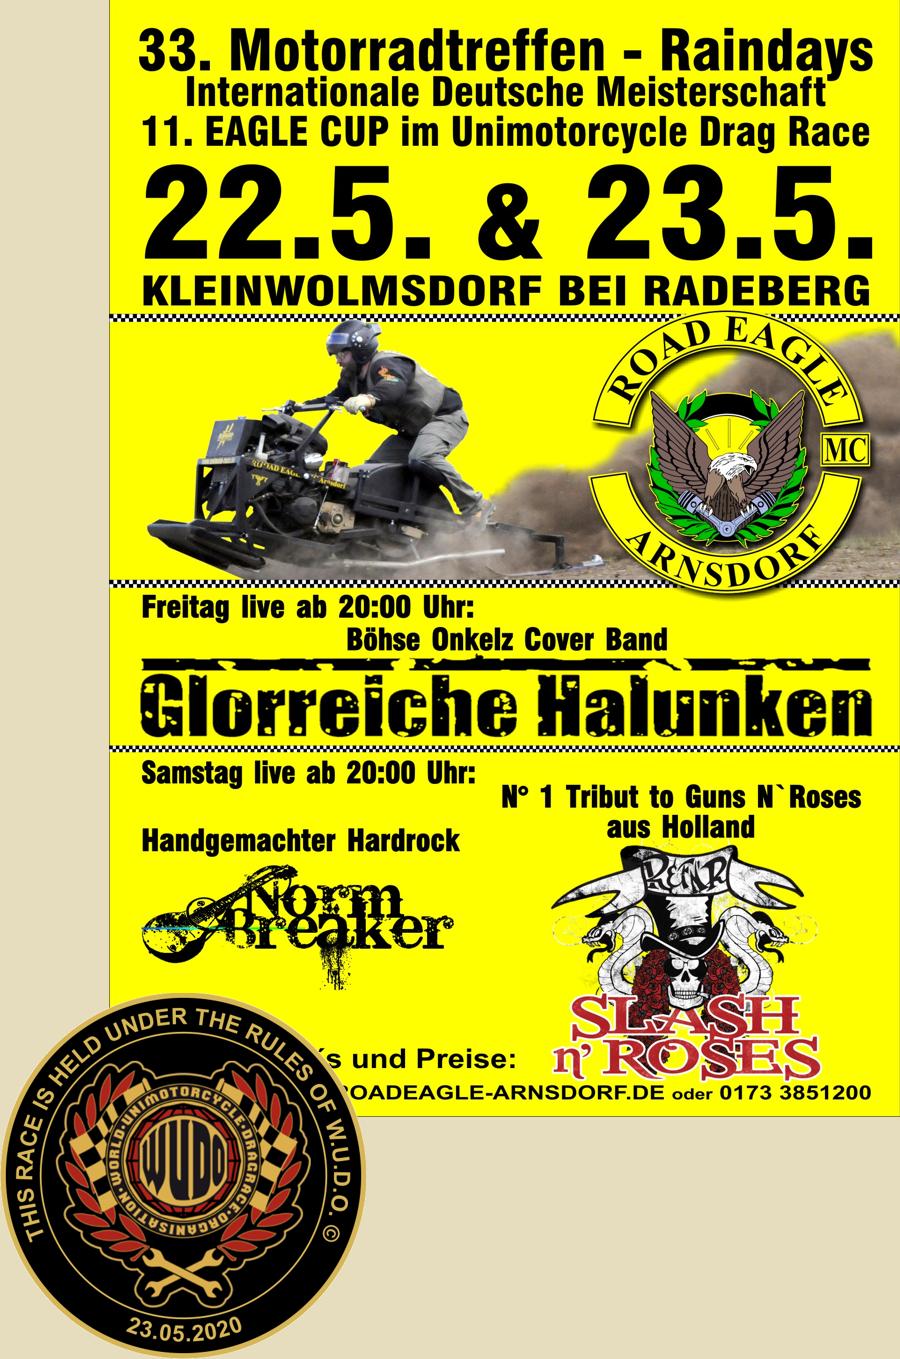 Internationale Deutsche Meisterschaft im Unimotorcycle Dragrace beim 11. Eagle Cup des Road Eagle MC Arnsdorf